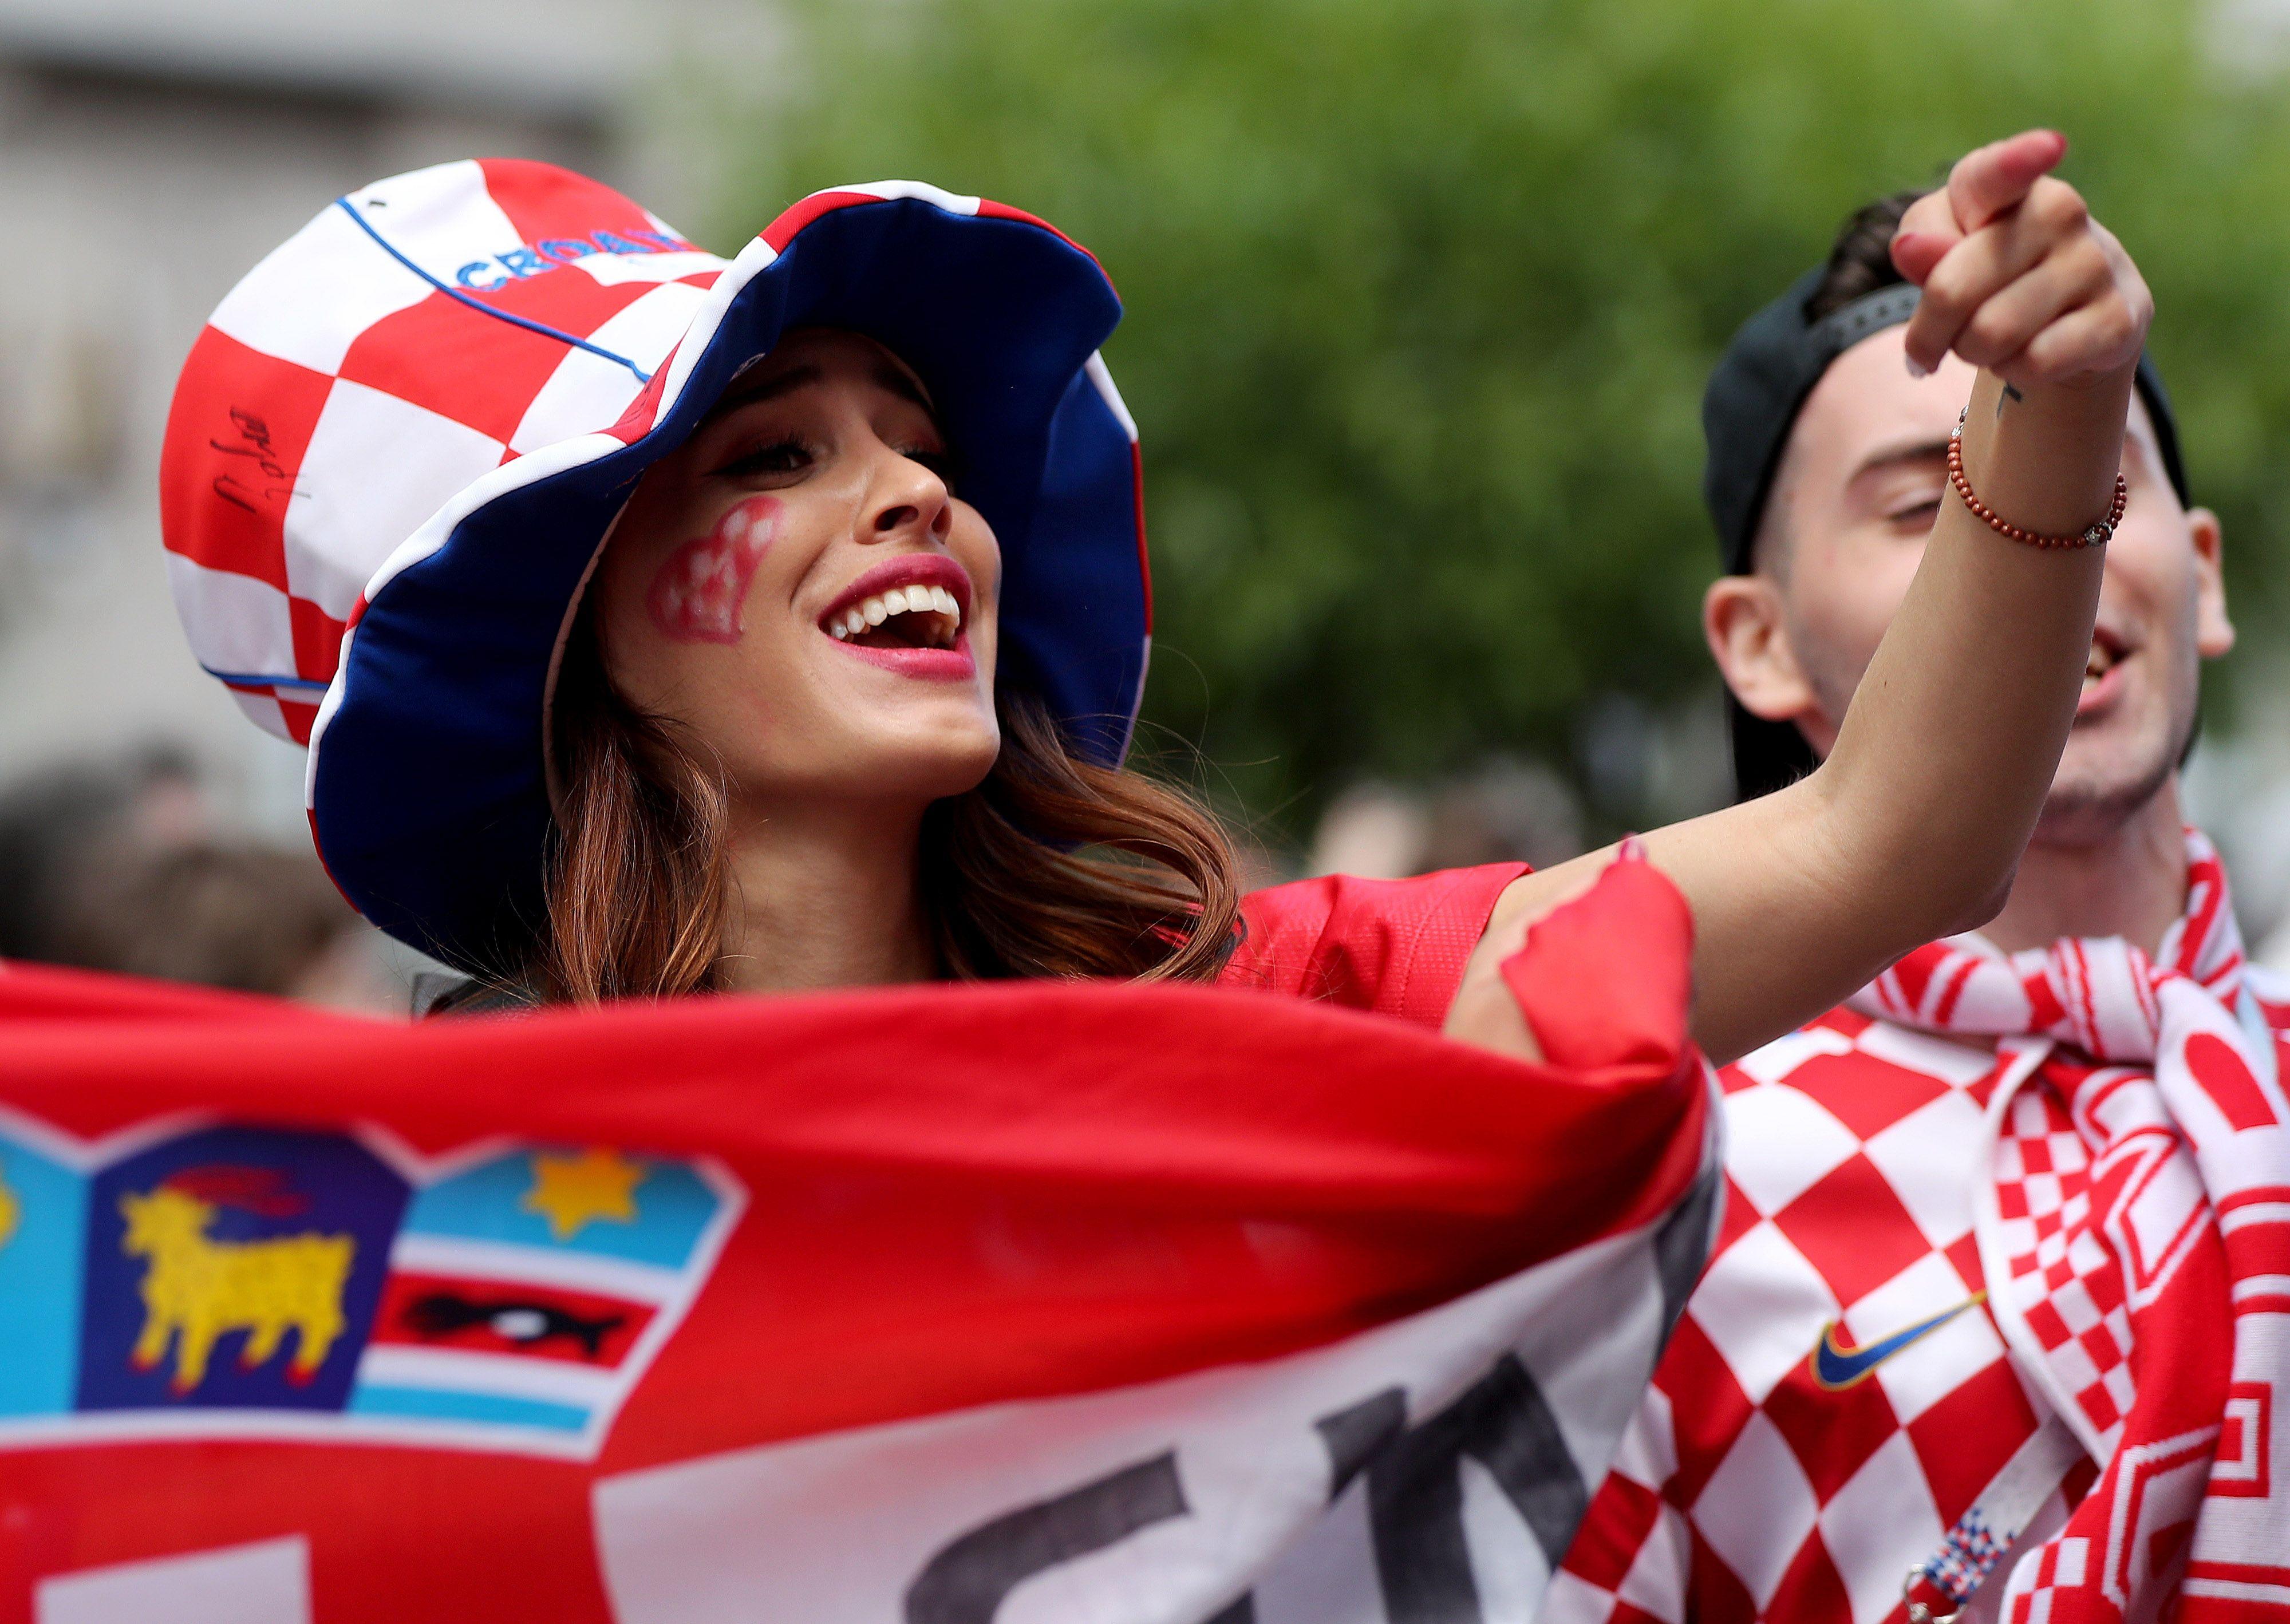 Svi su se fotkali s njom: Atraktivna navijačica užarila atmosferu na ruskim ulicama uoči utakmice